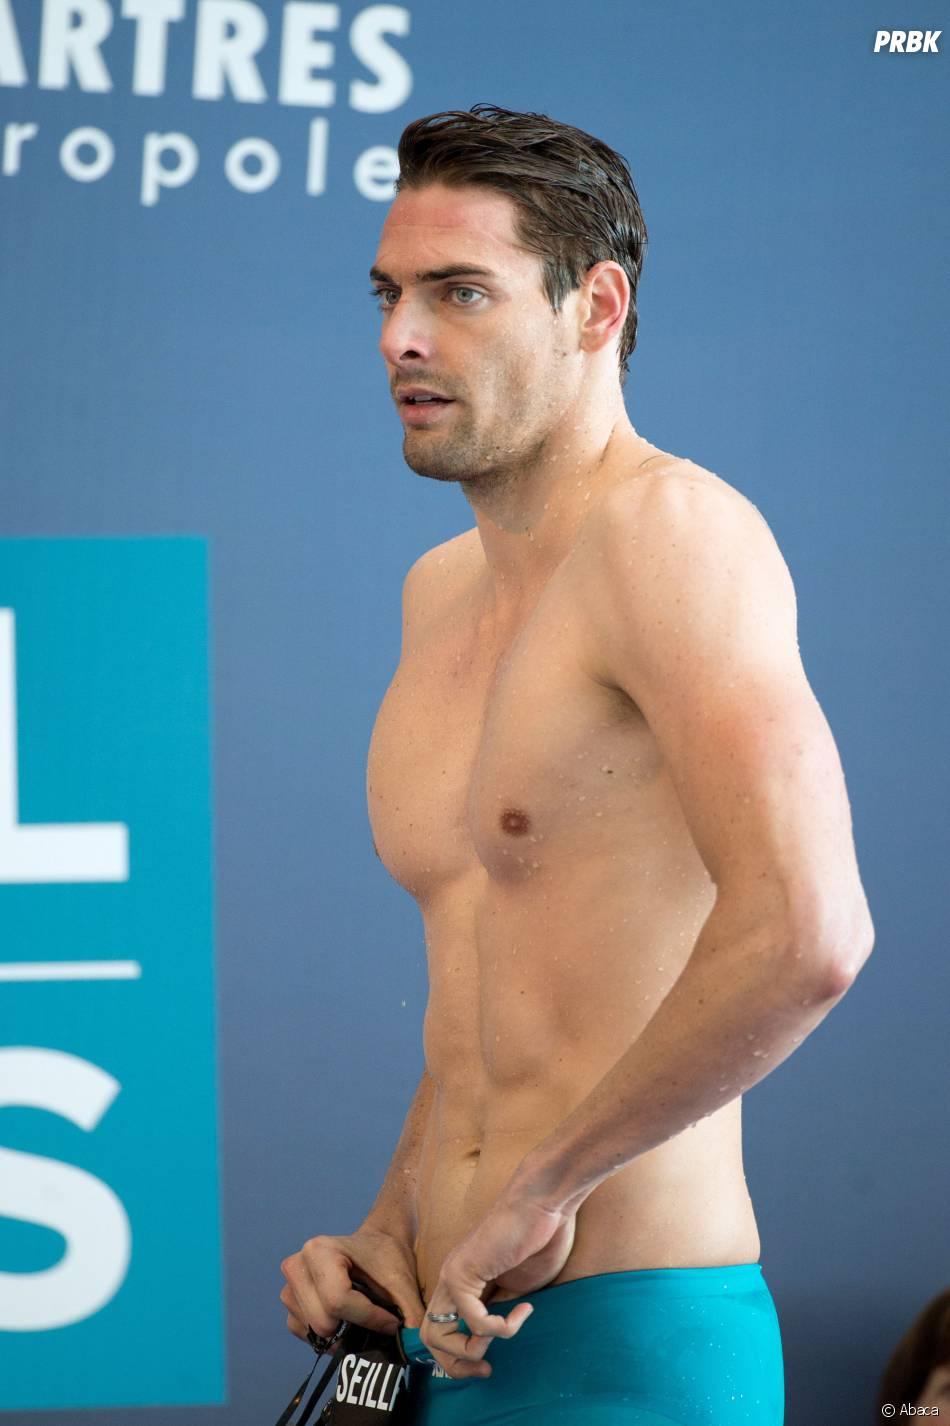 Les français les plus sexy selon Elle : Camille Lacourt (nageur)